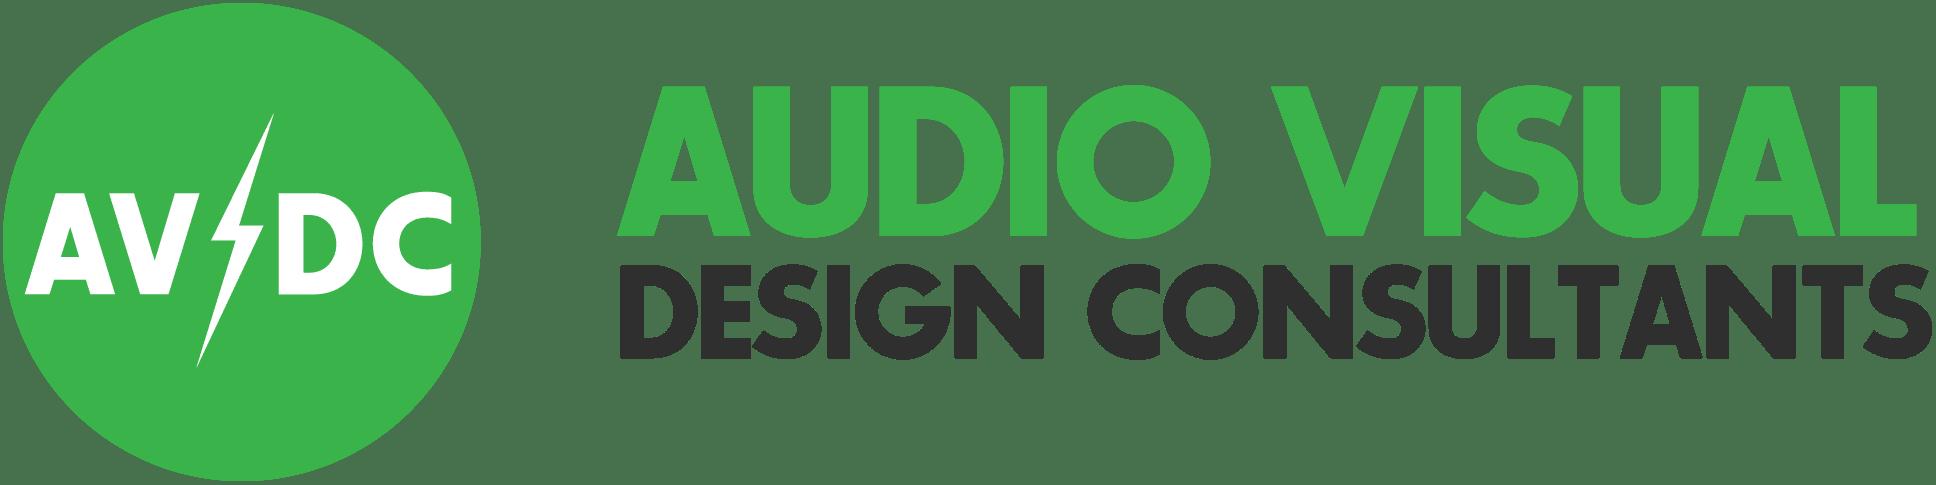 AVDC-logo-color